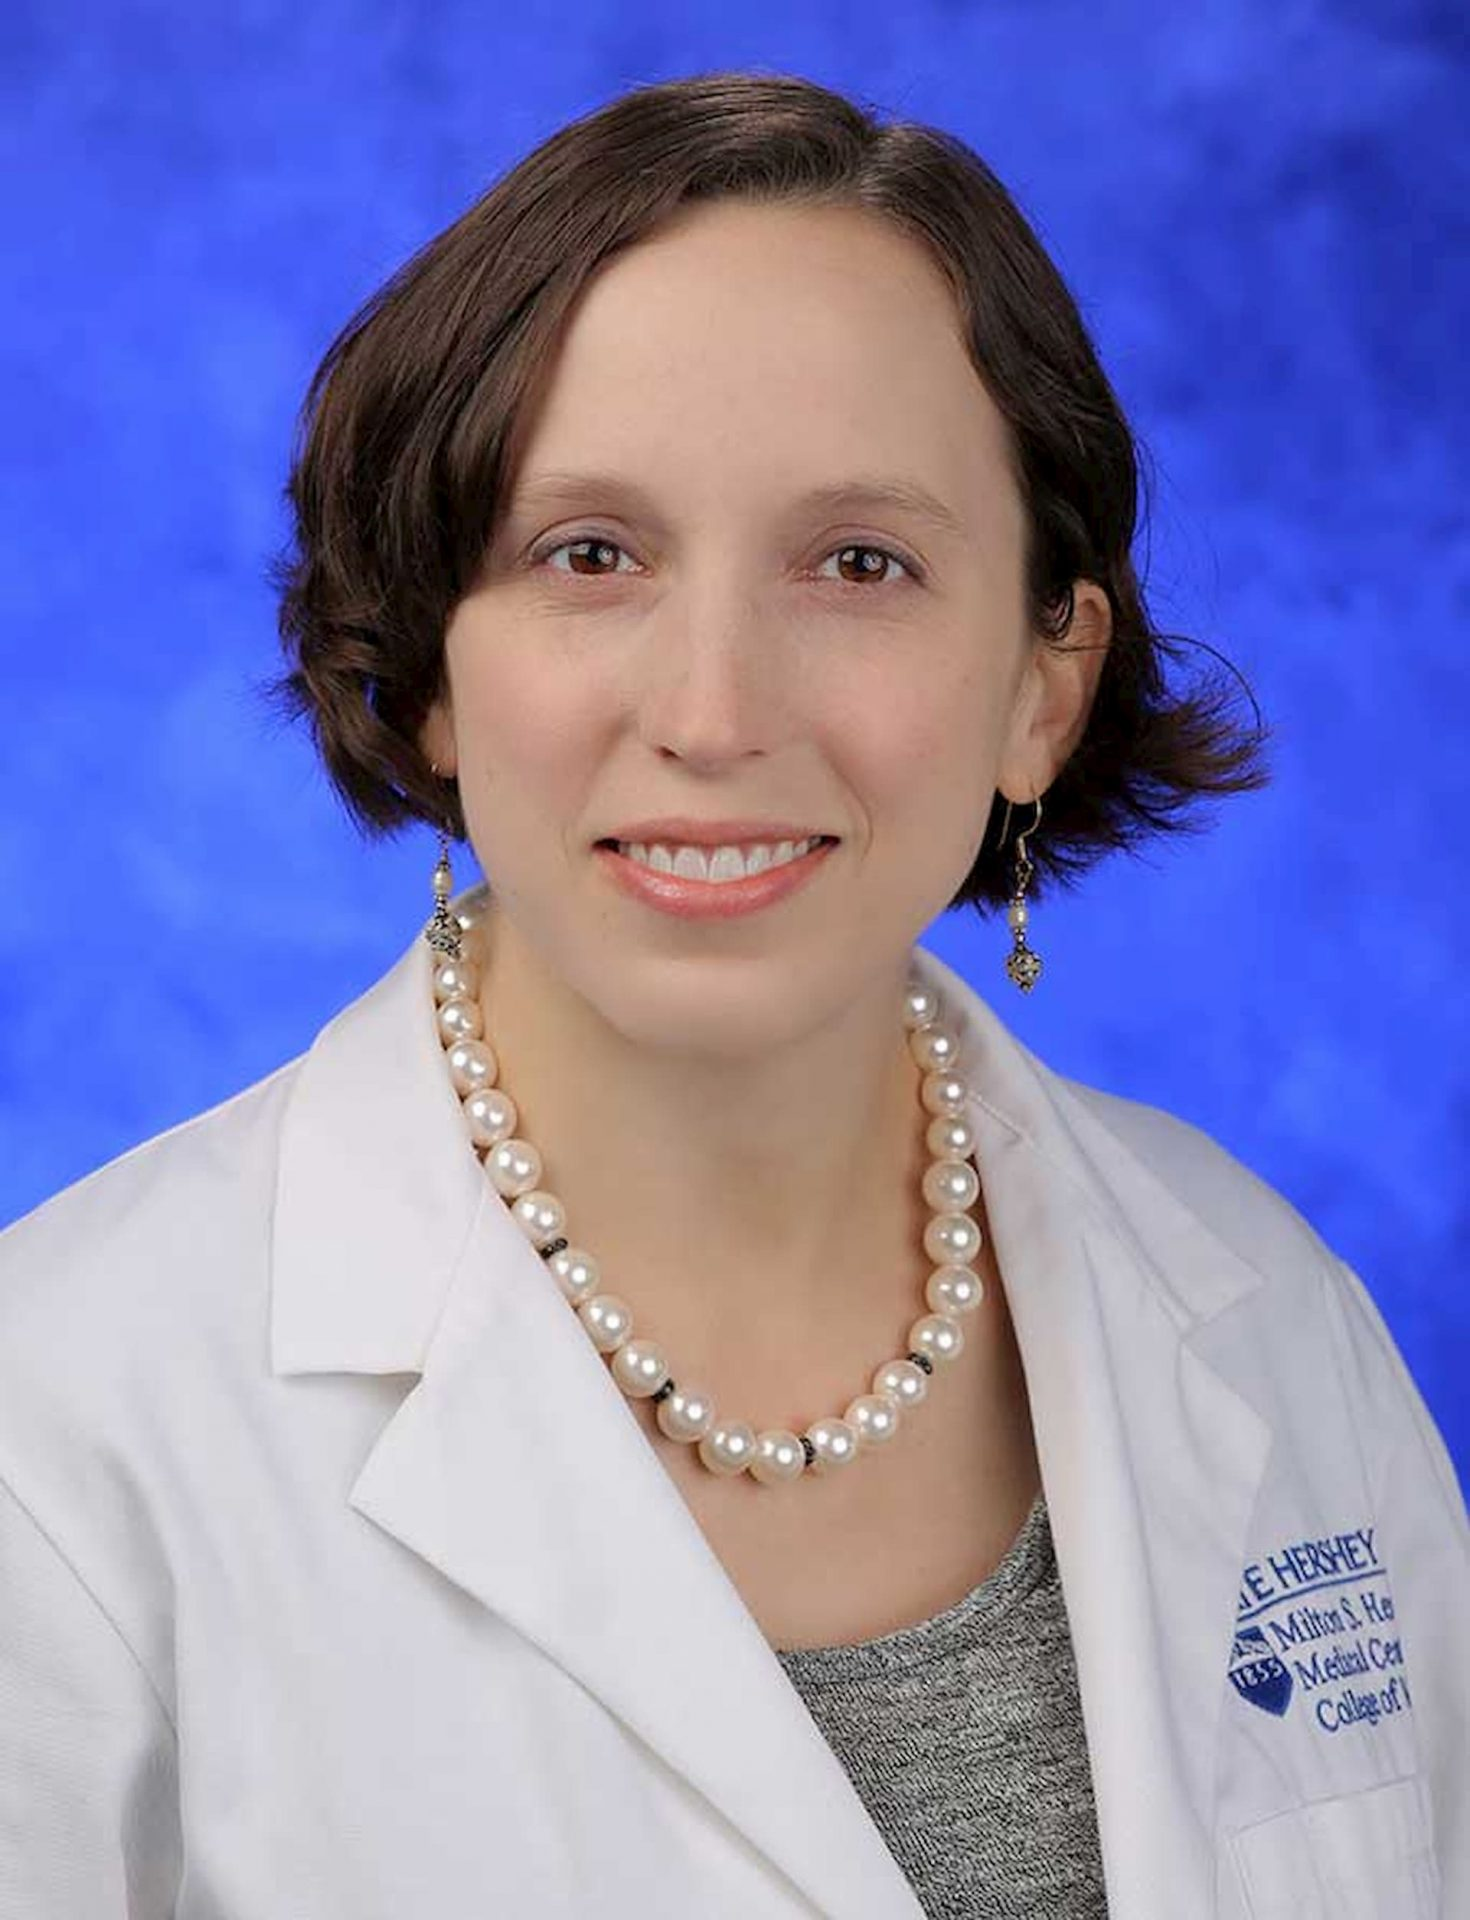 Dr. Jessica Ericson